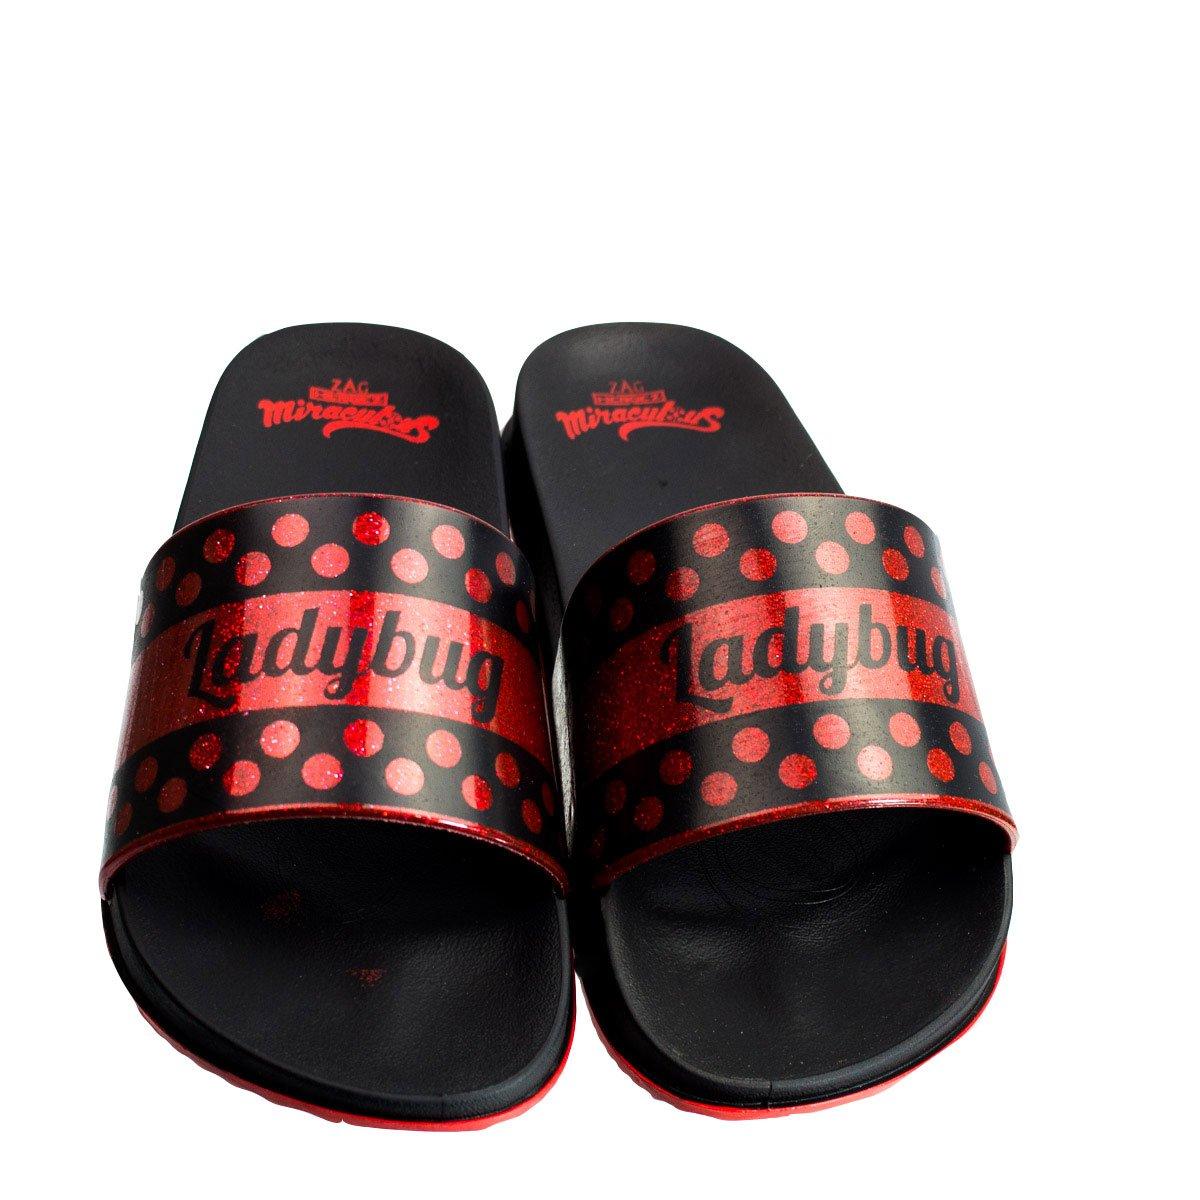 ab96ef1ac1 Bizz Store - Chinelo Slide Infantil Grendene Ladybug Alide